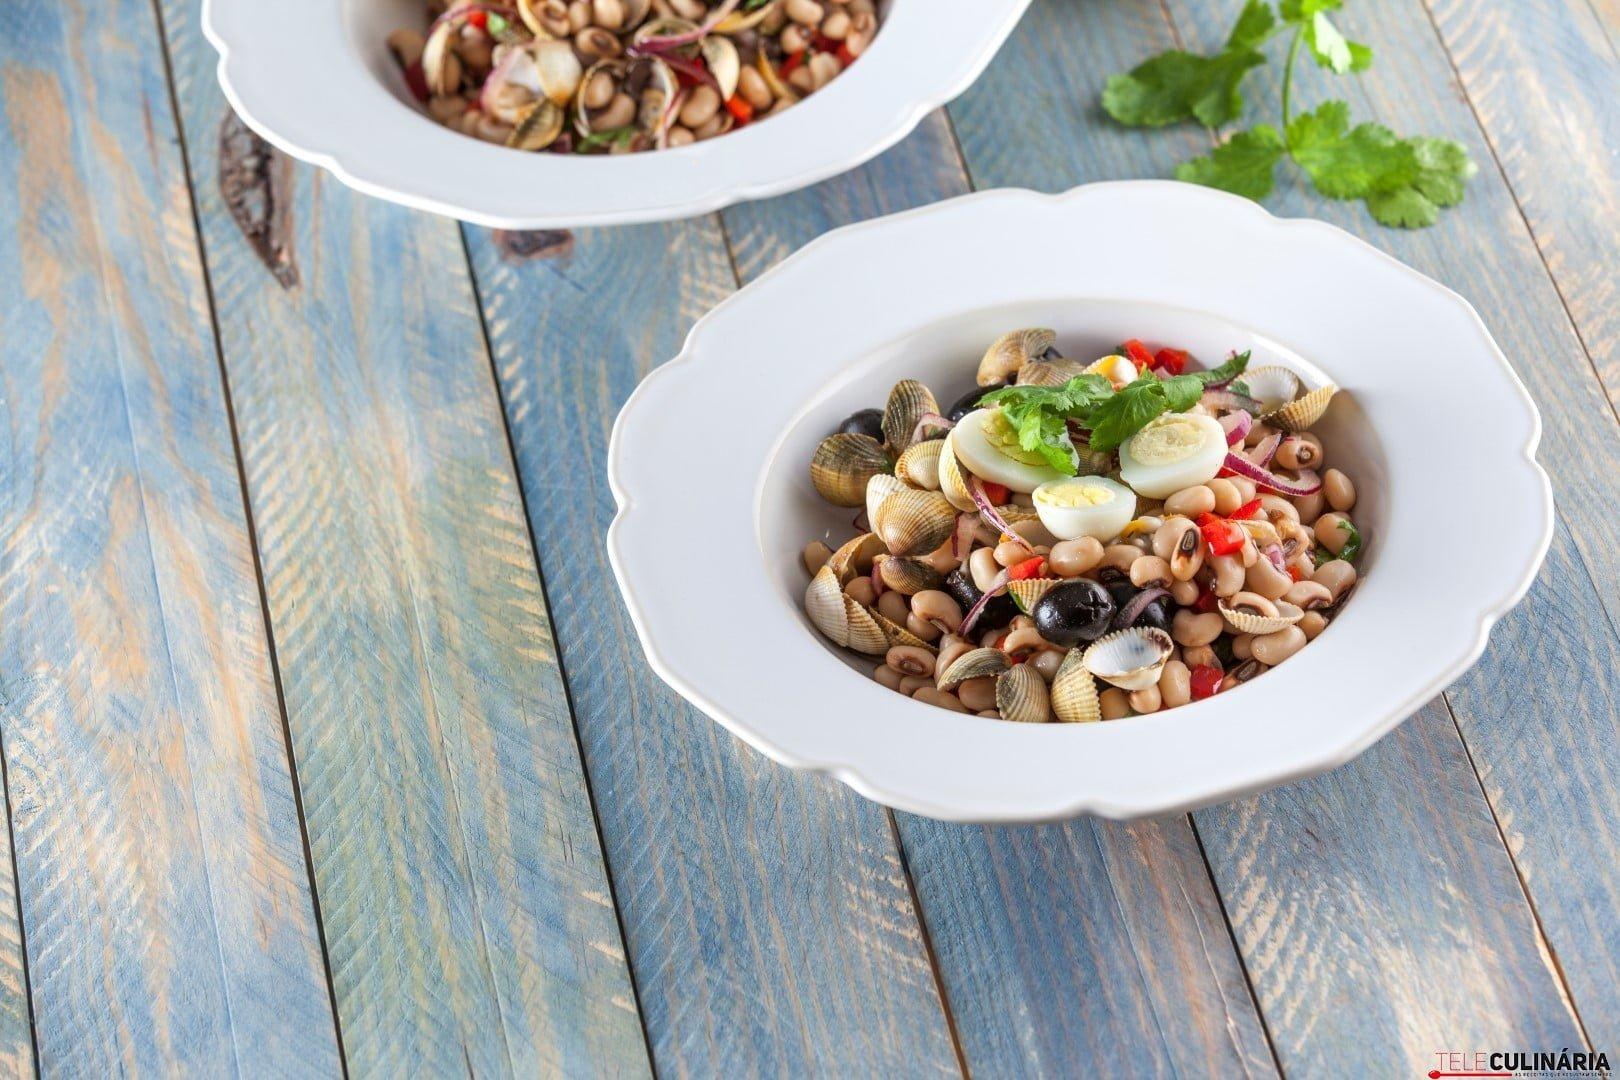 Salada de feijao frade com berbigao CHPS 20 Large